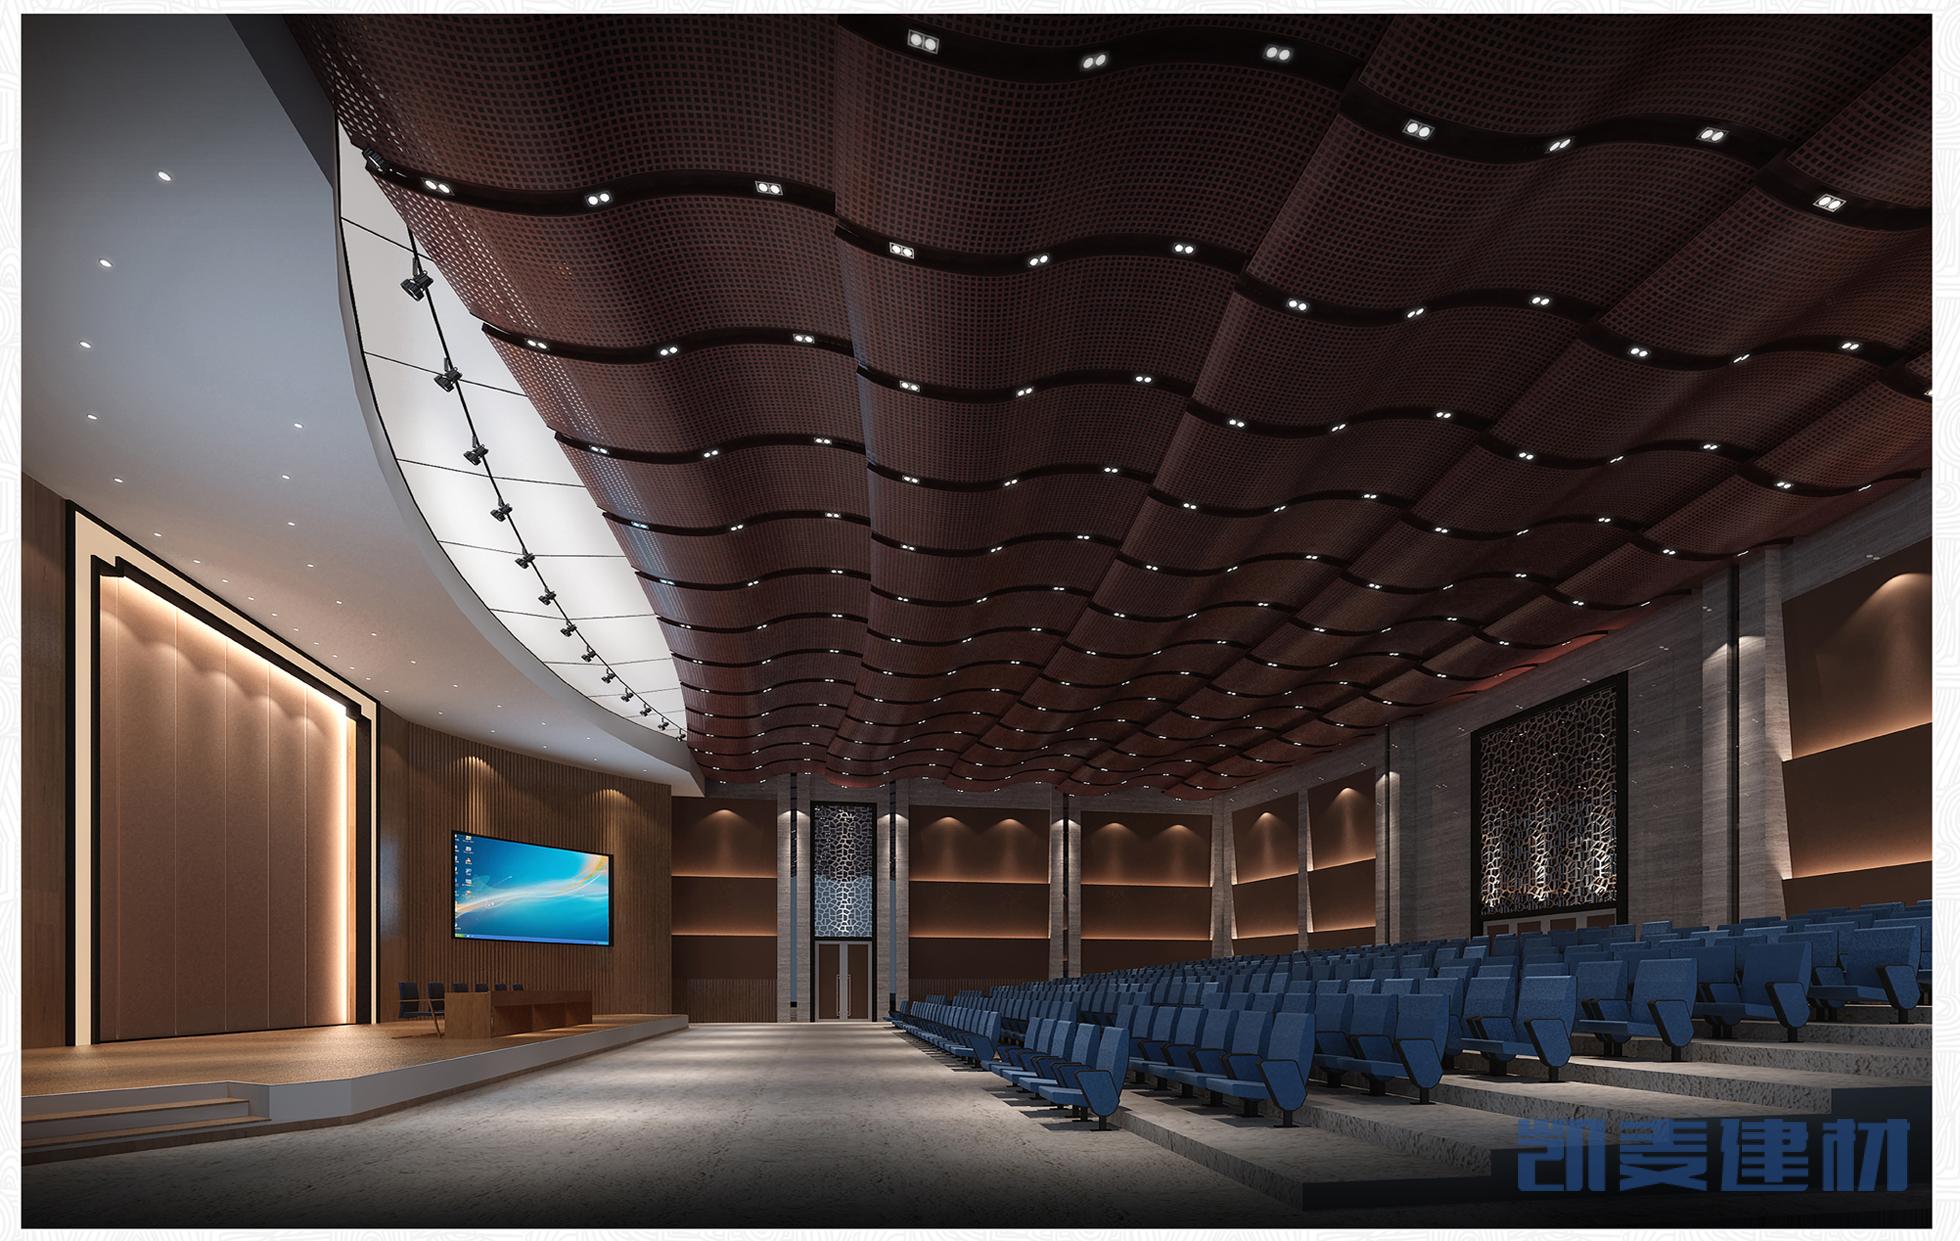 会议报告厅波浪形冲孔吸音吊顶铝板